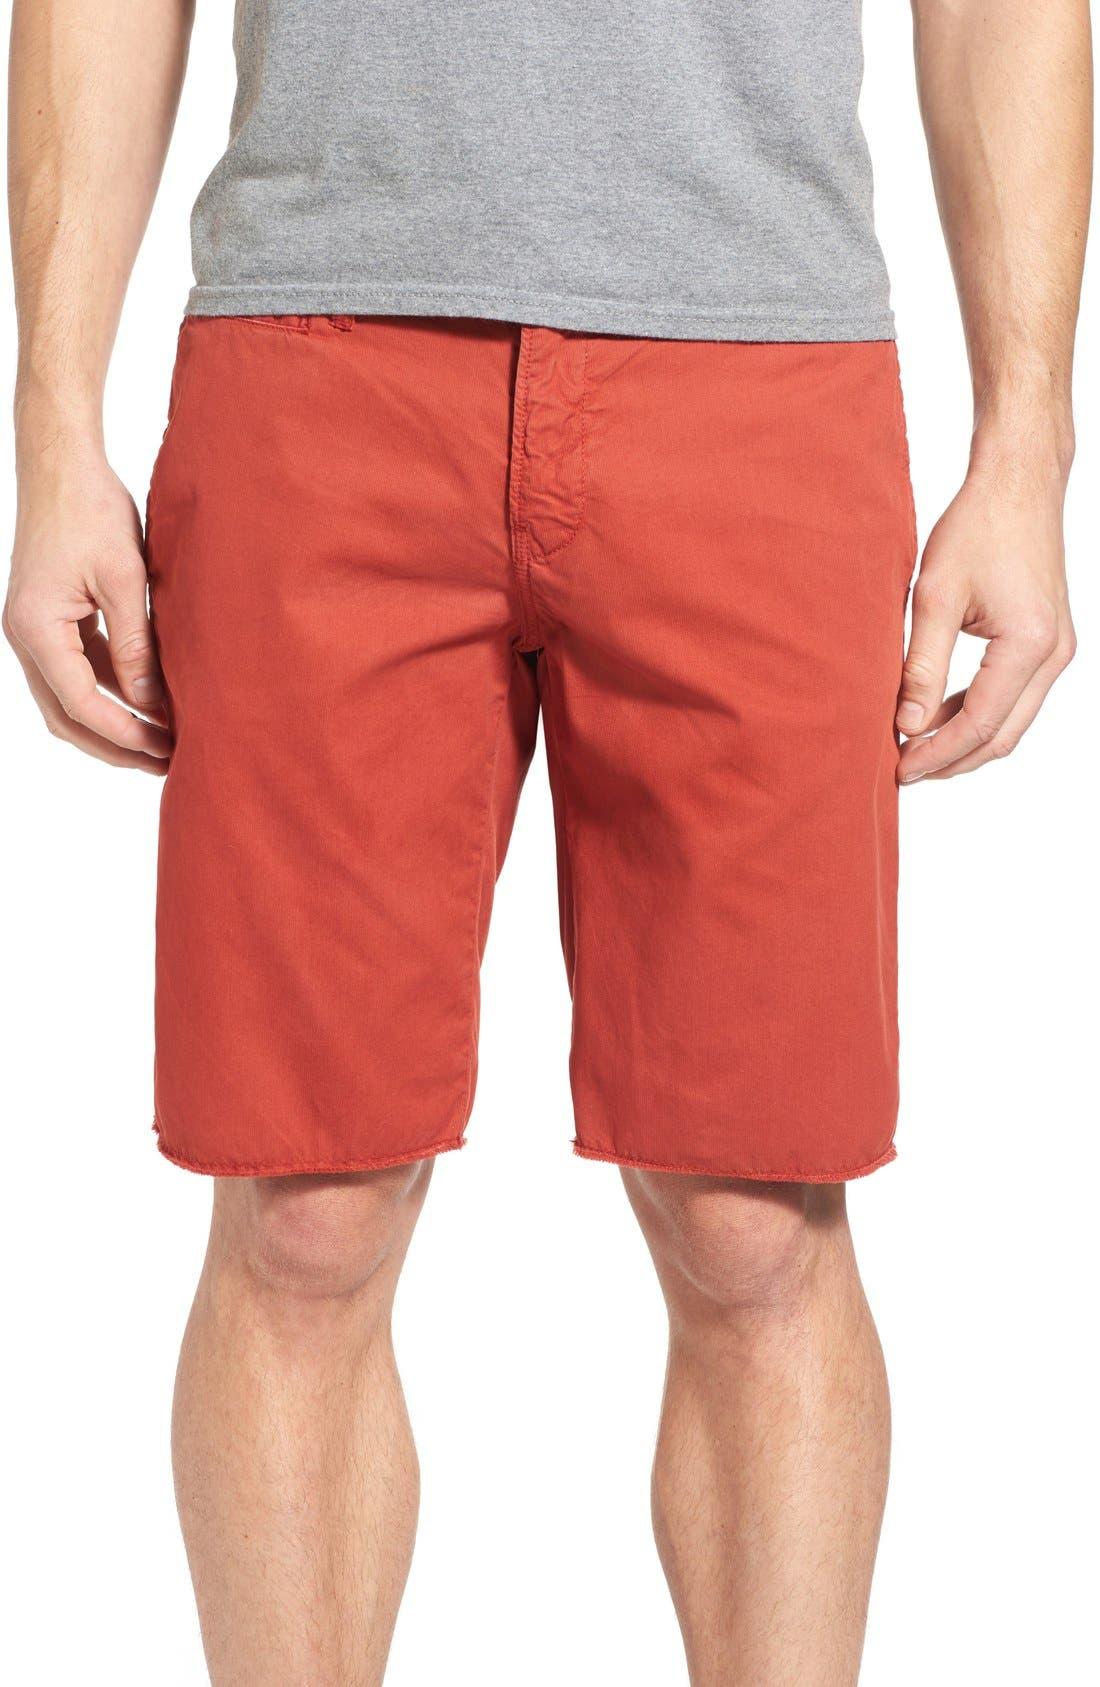 'St. Barts' Raw Edge Shorts,                         Main,                         color, 801